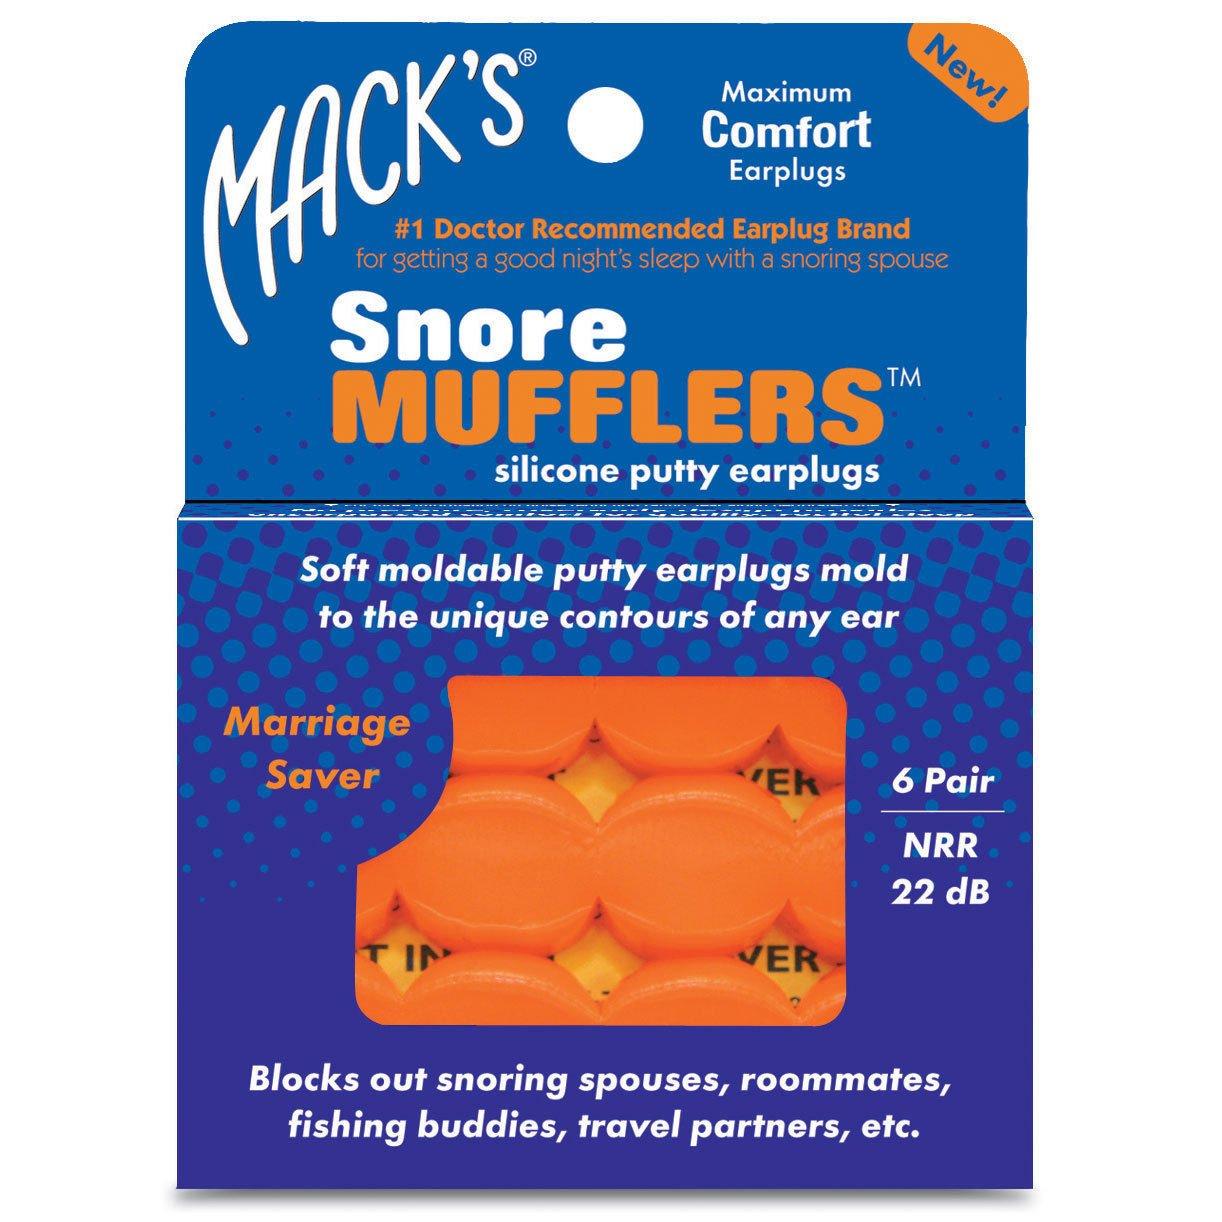 Mack de productos - Tapones para los oídos, dormir máscaras, Sida, lente toallitas de secado y extracción de cerumen oreja gotas, Tapones de oídos de espuma ...